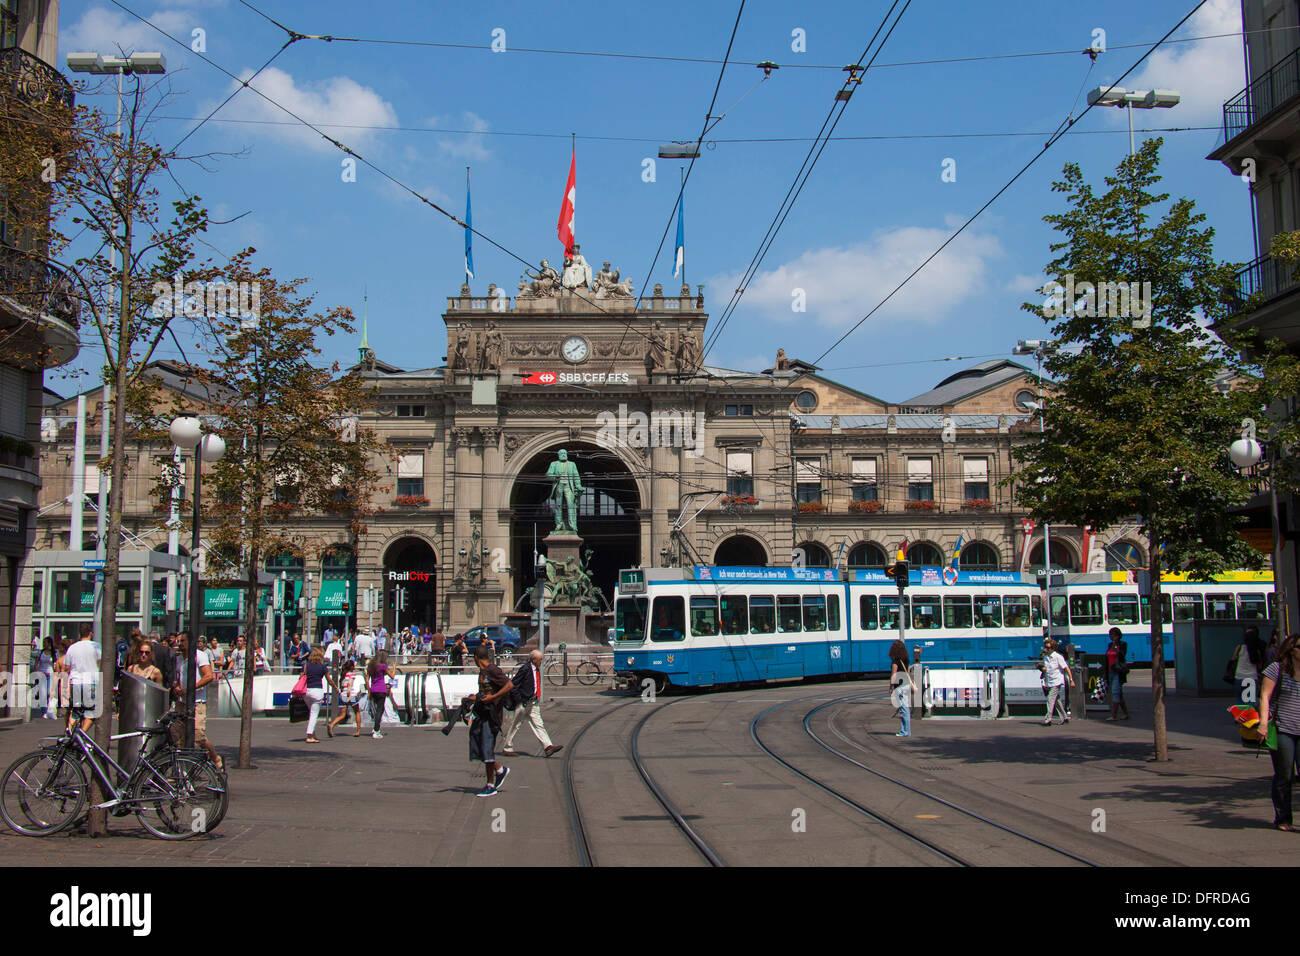 Switzerland Zurich Central Train Station - Stock Image